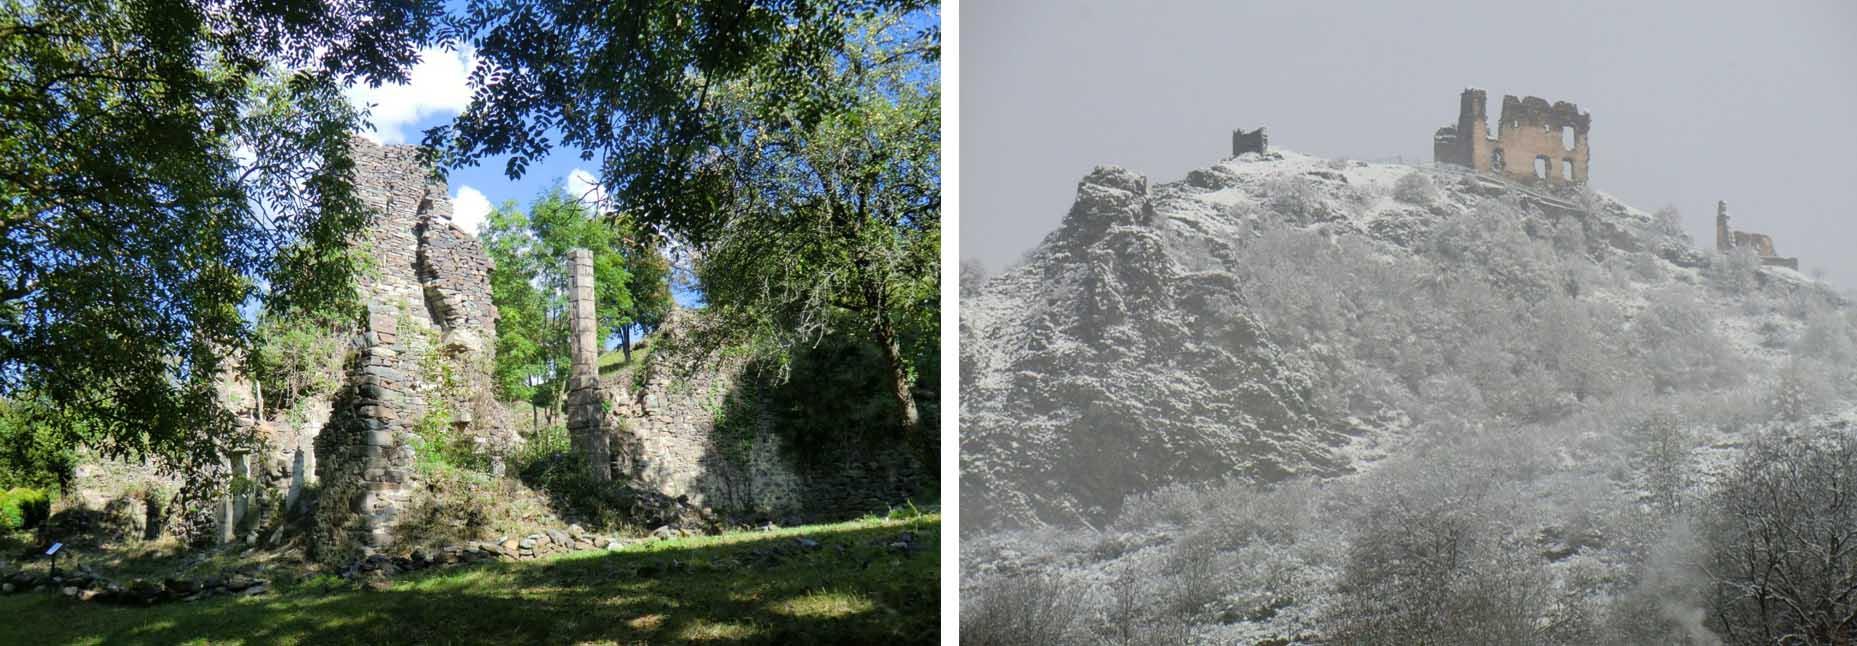 Que faire à Retournac - Visiter les ruines d'Artias